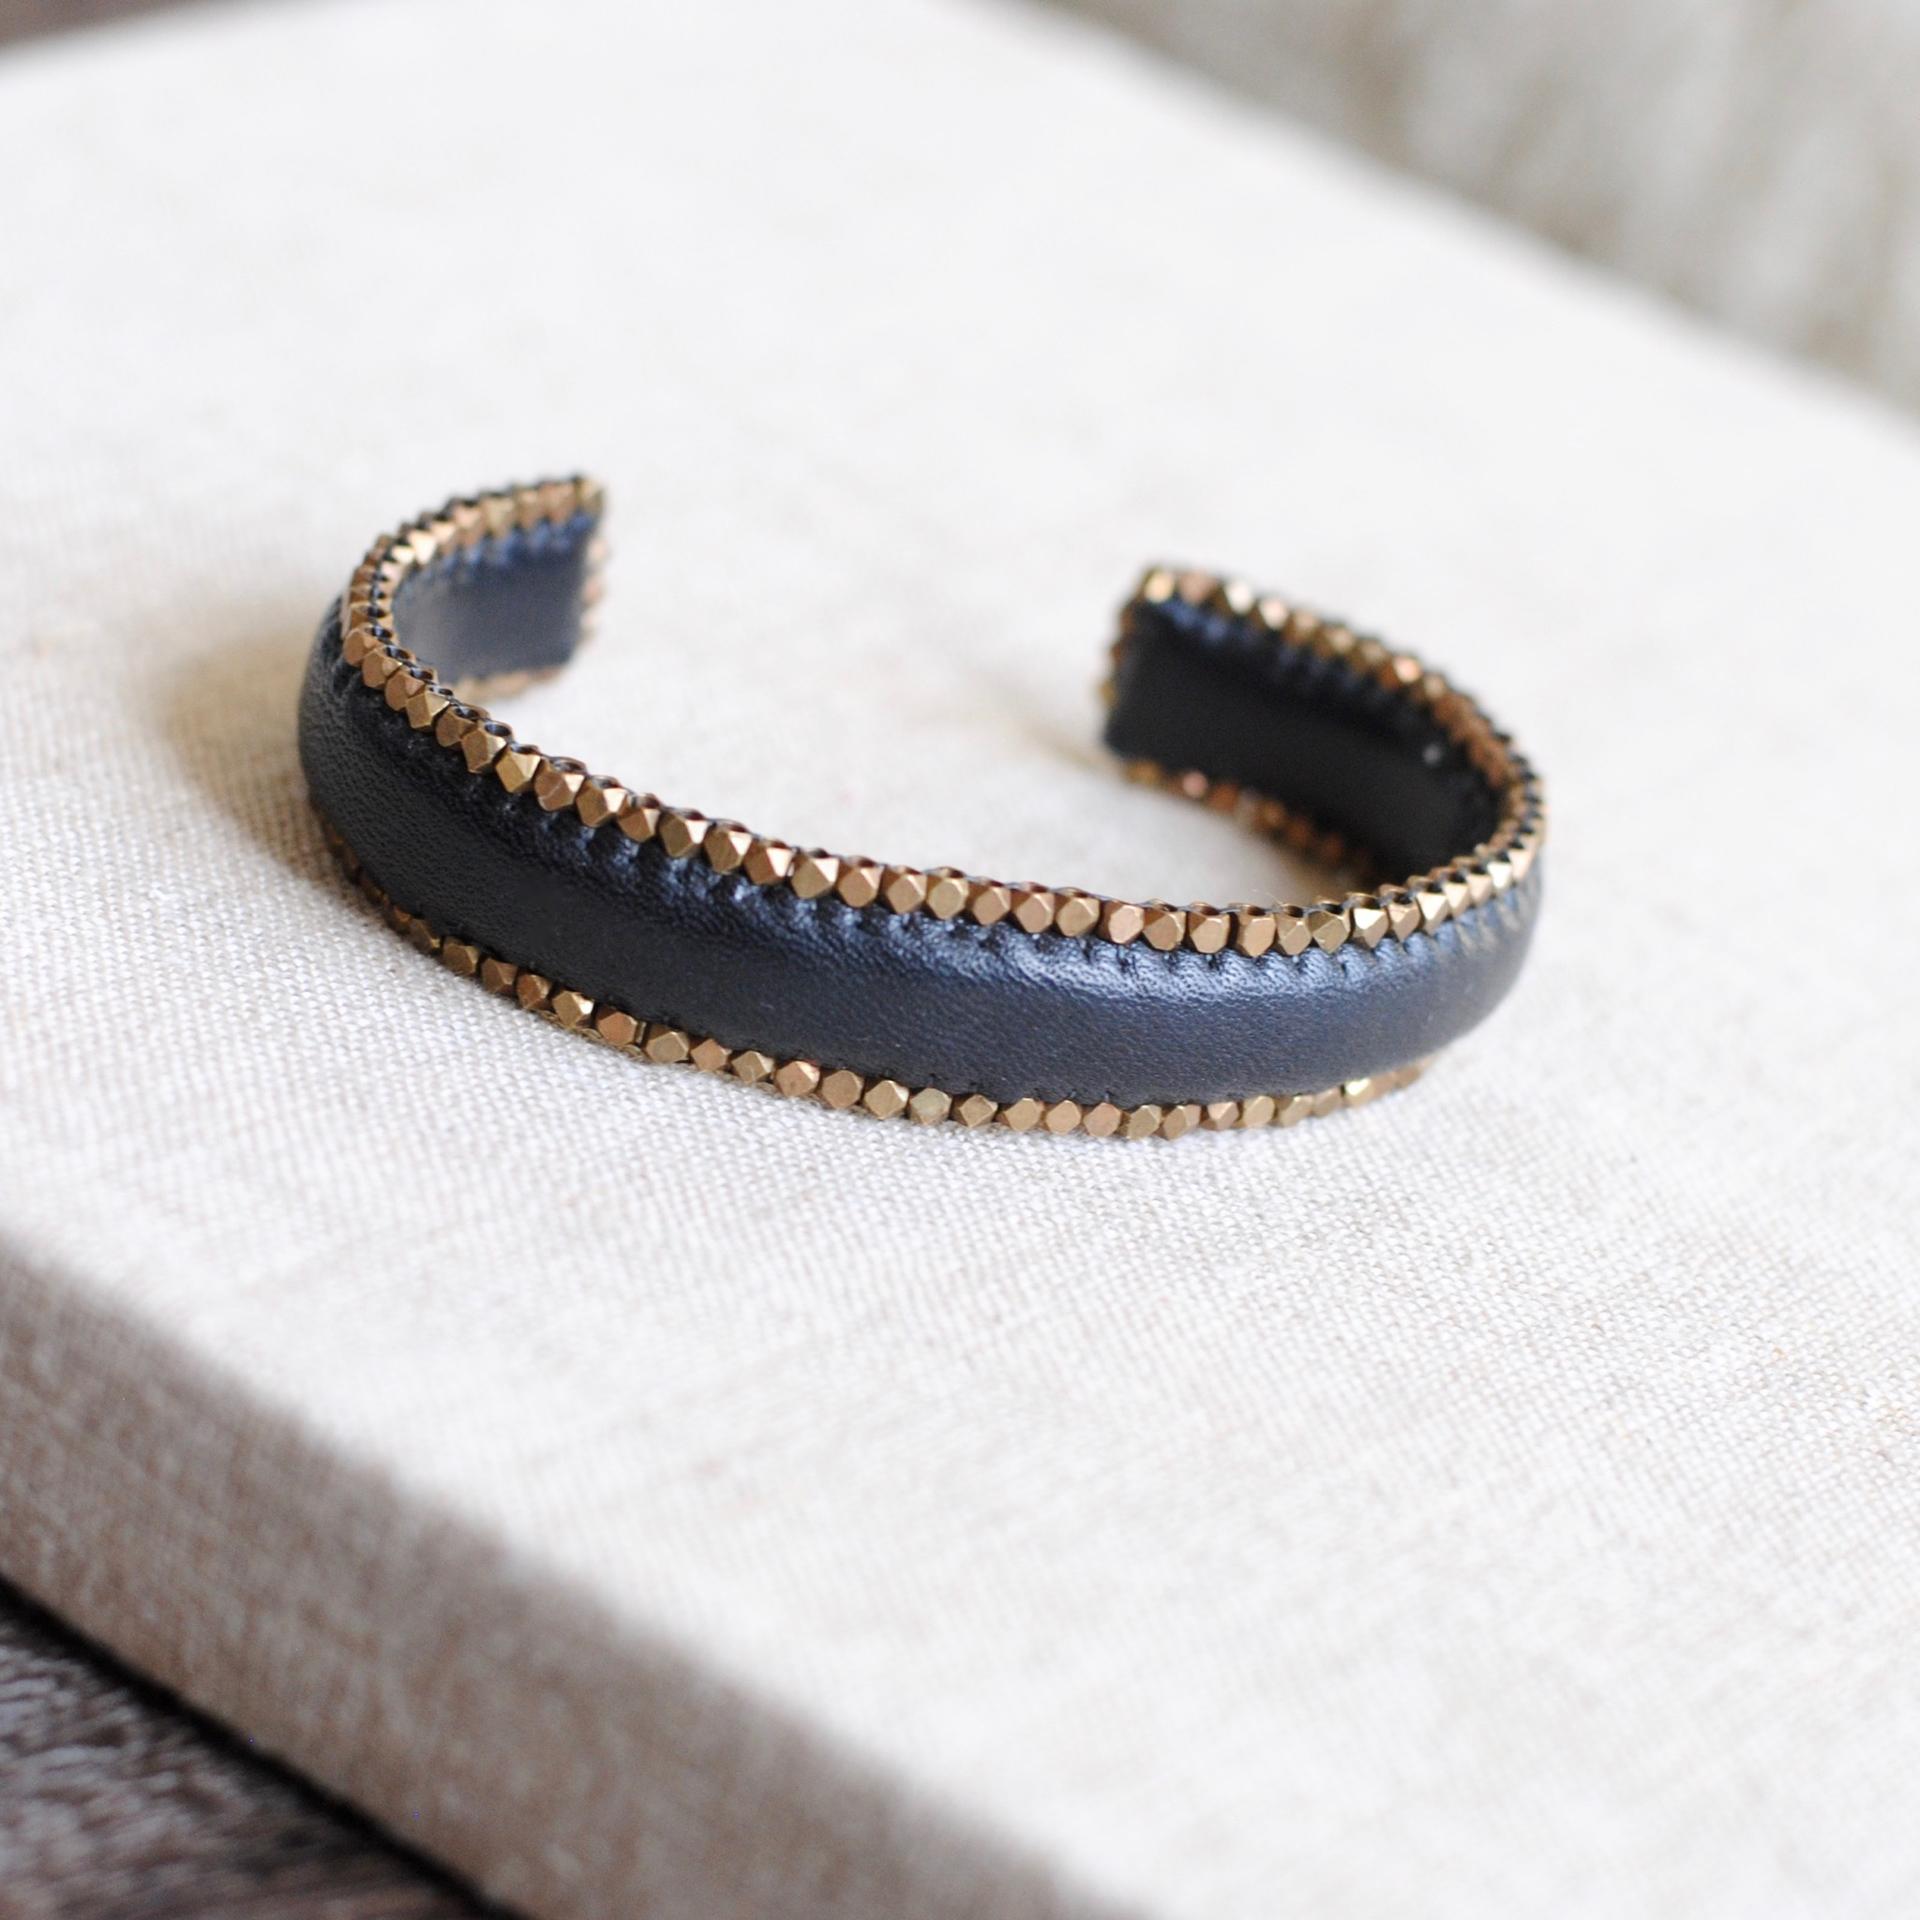 B026 Bracelet  by Sam Taylor